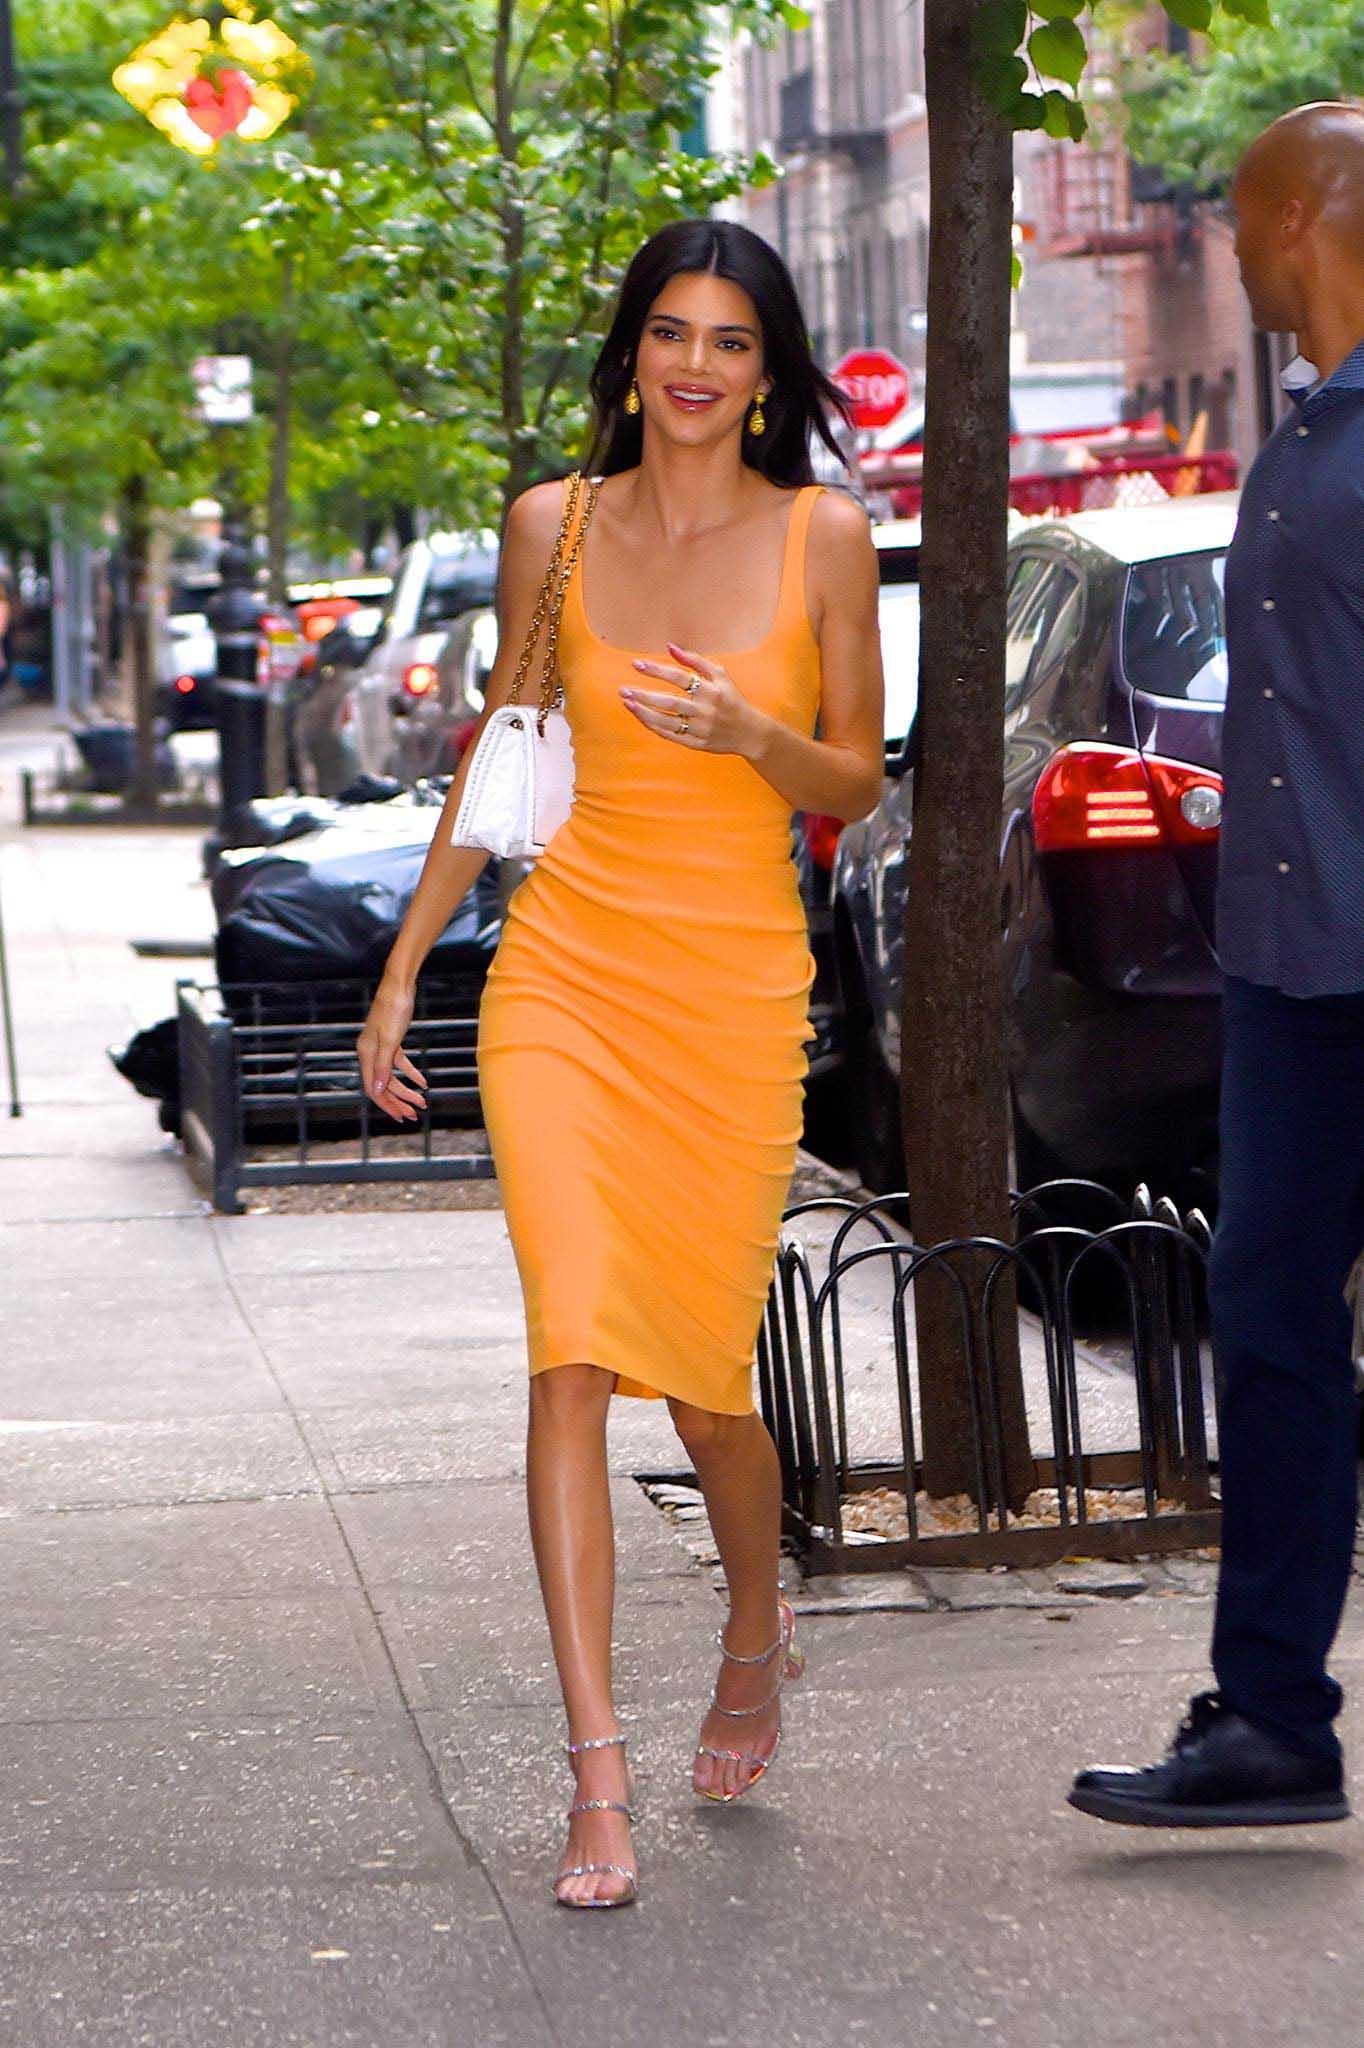 Kém duyên như chiếc váy hằn nội y khiến người xung quanh phải ngại ngùng thay - hình ảnh 4